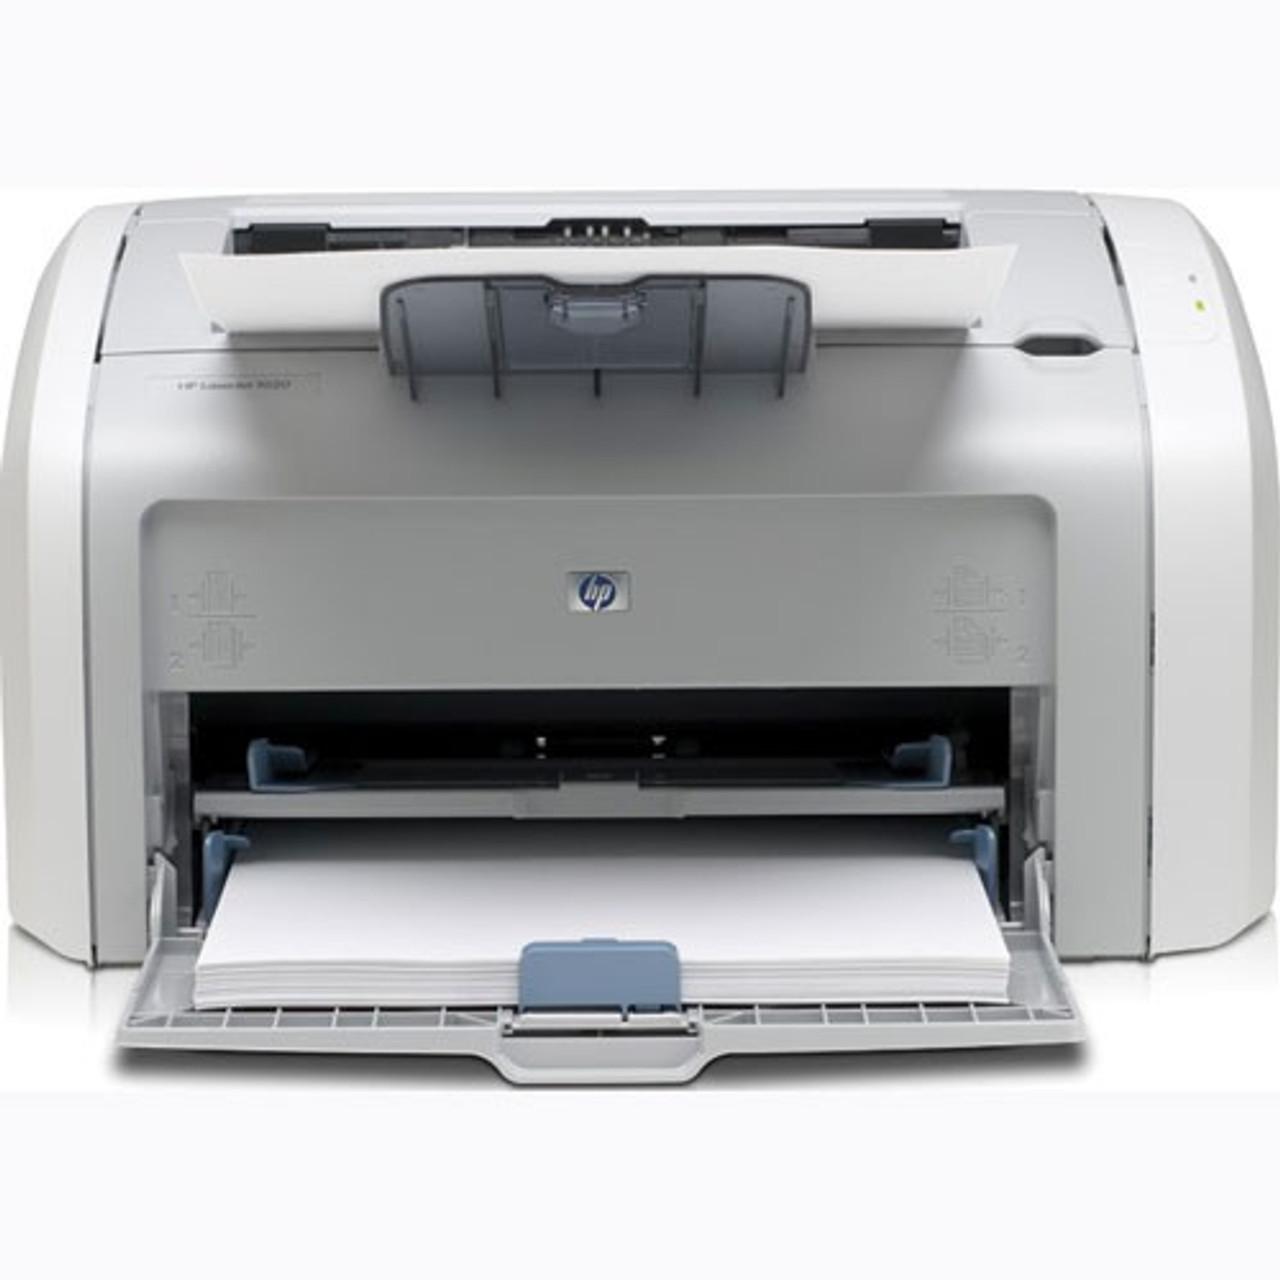 HP LaserJet 1020 - Q5911A  - HP Laser Printer for sale